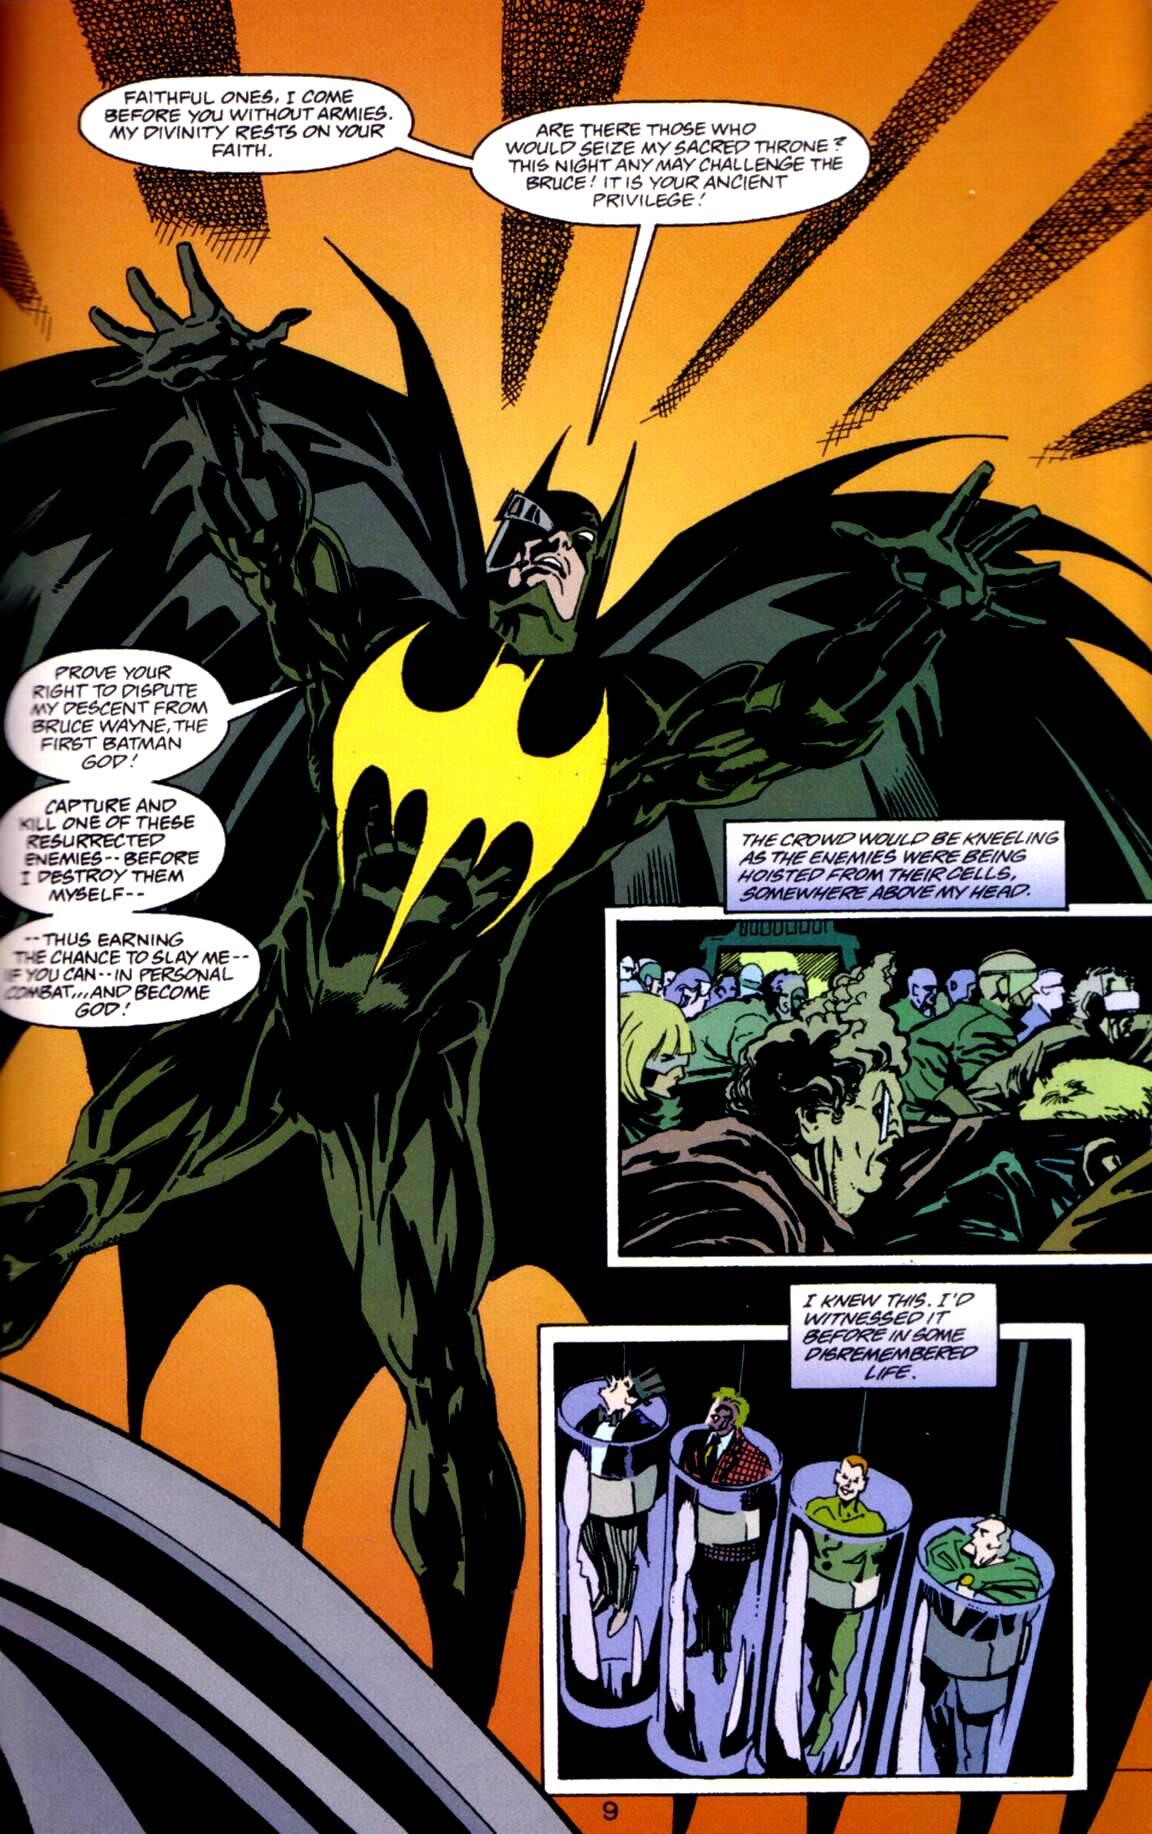 Bruce (I, Joker)